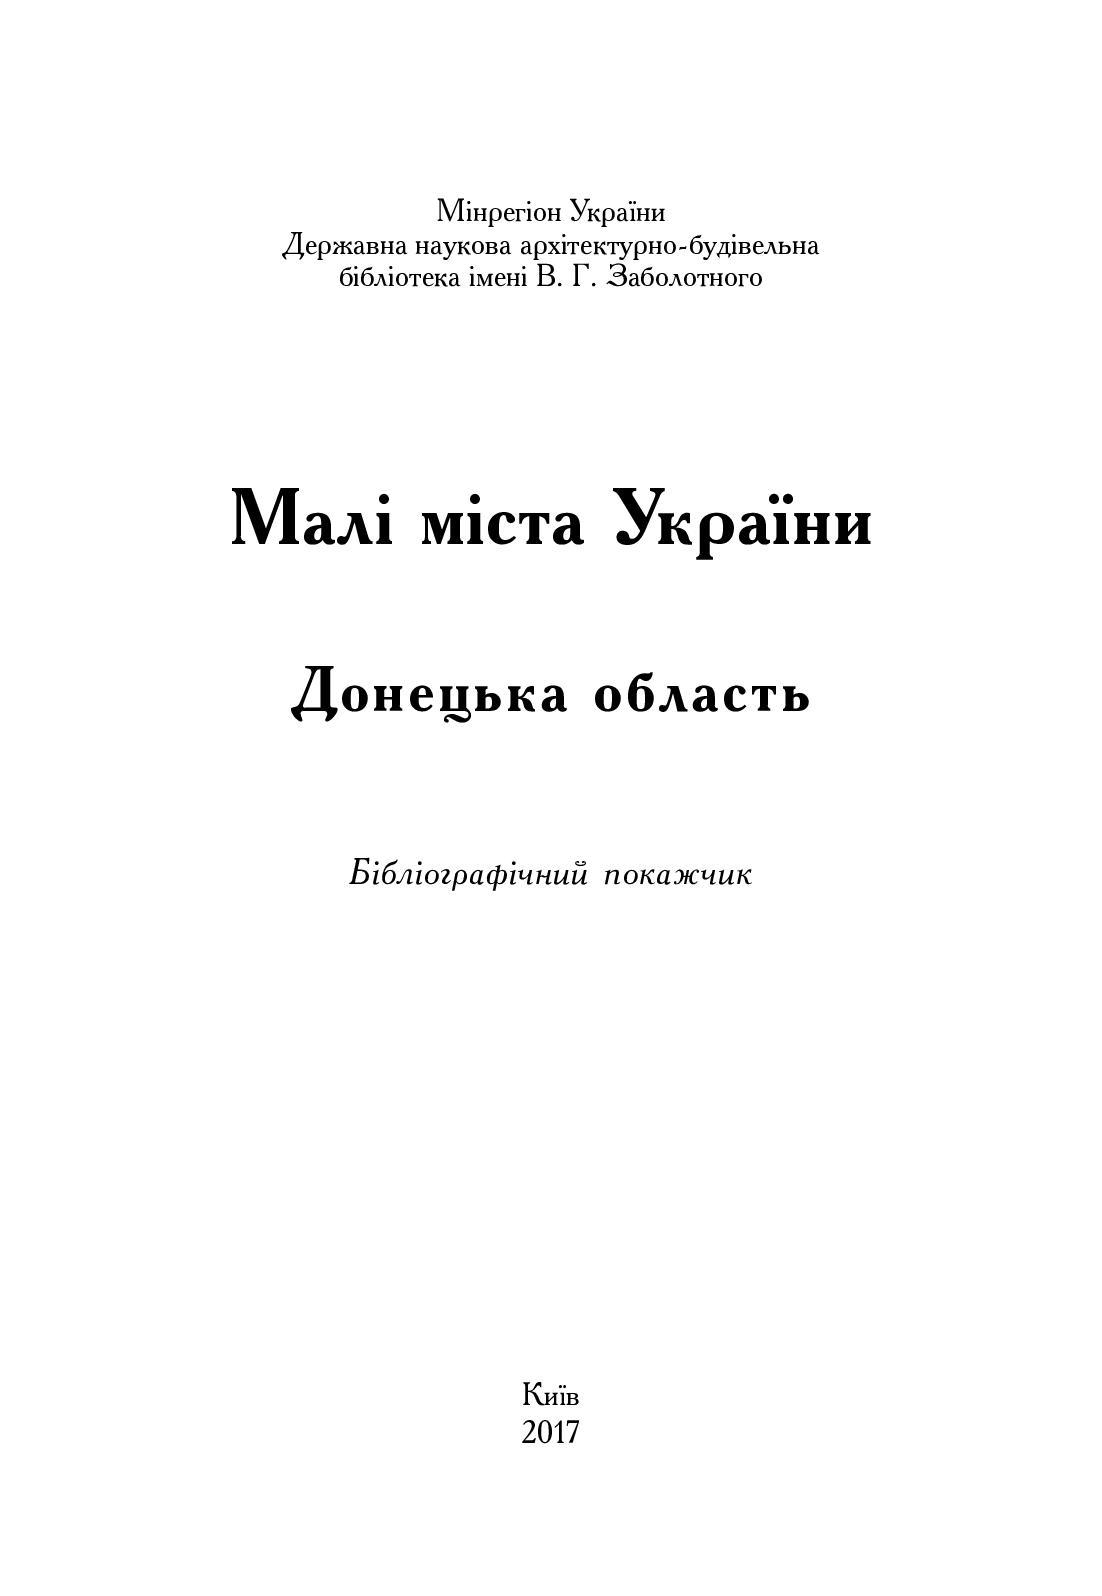 Донецька область 30 10 2017